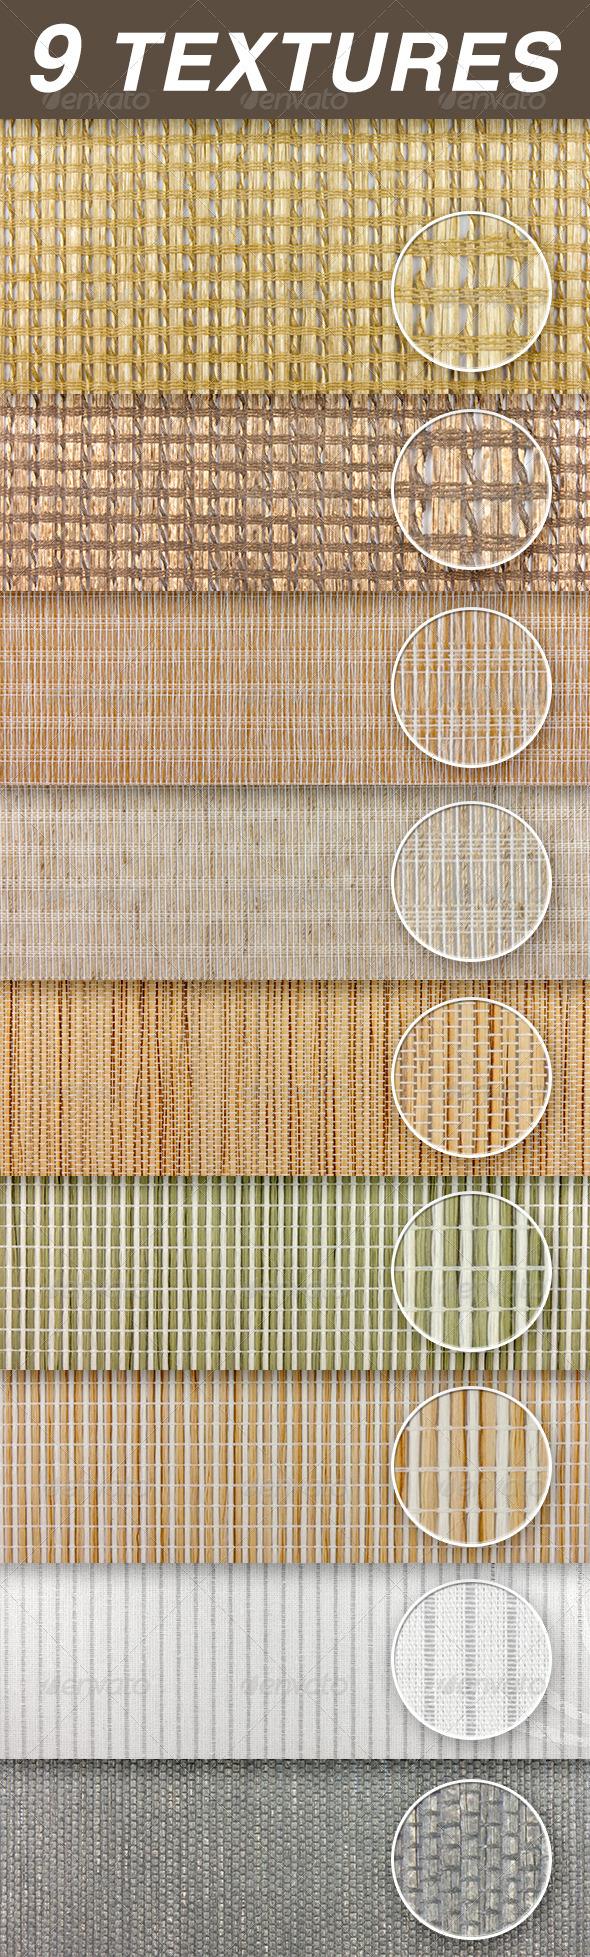 texture mats - Fabric Textures